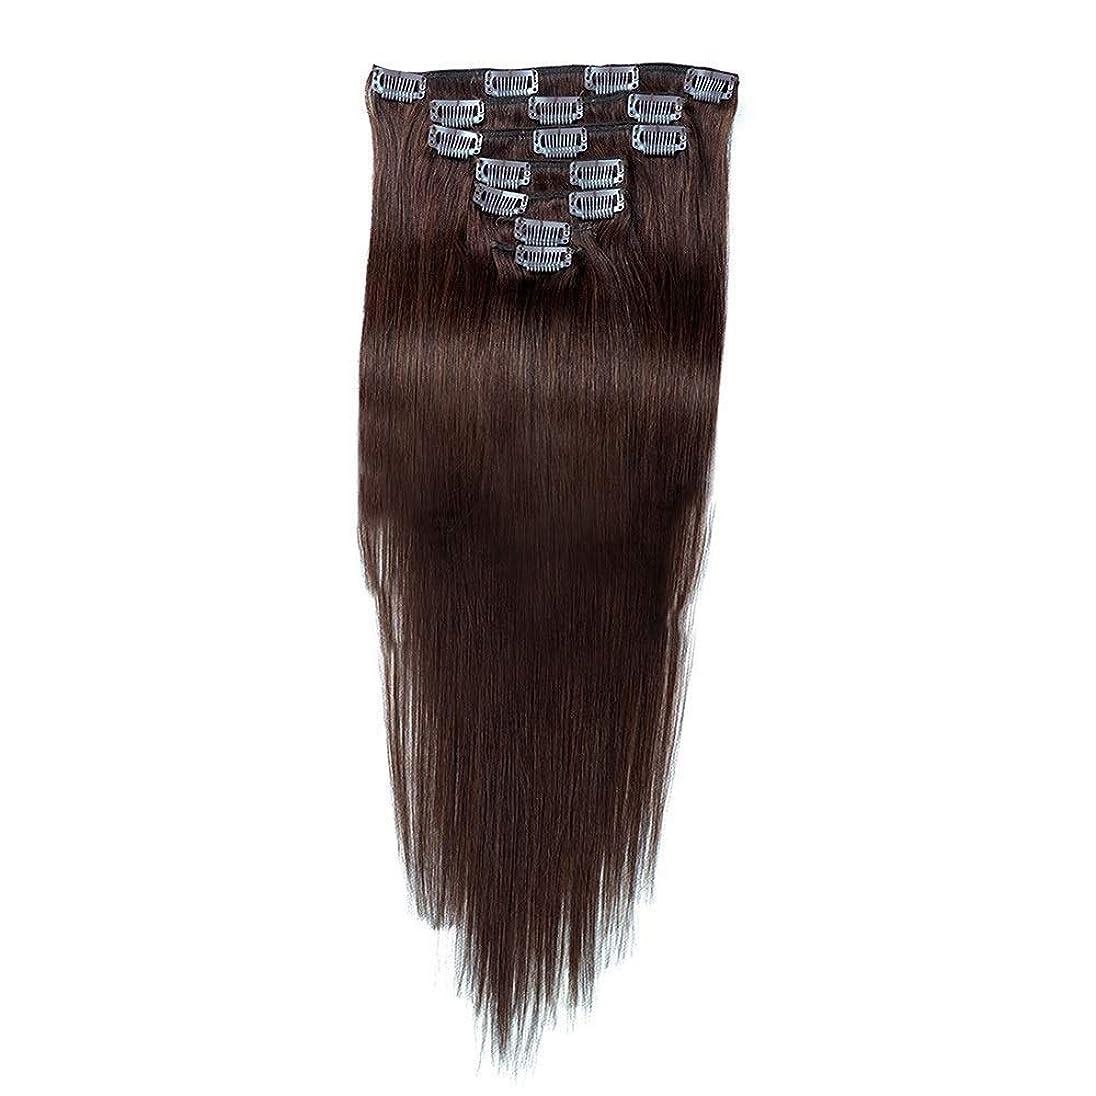 大騒ぎアトム追記人間の髪の毛のエクステンションクリップレミーフルヘッドダブル横糸ストレートヘアピース。 (7個、#2ダークブラウン、20インチ、70g) モデリングツール (色 : #2 Dark Brown)